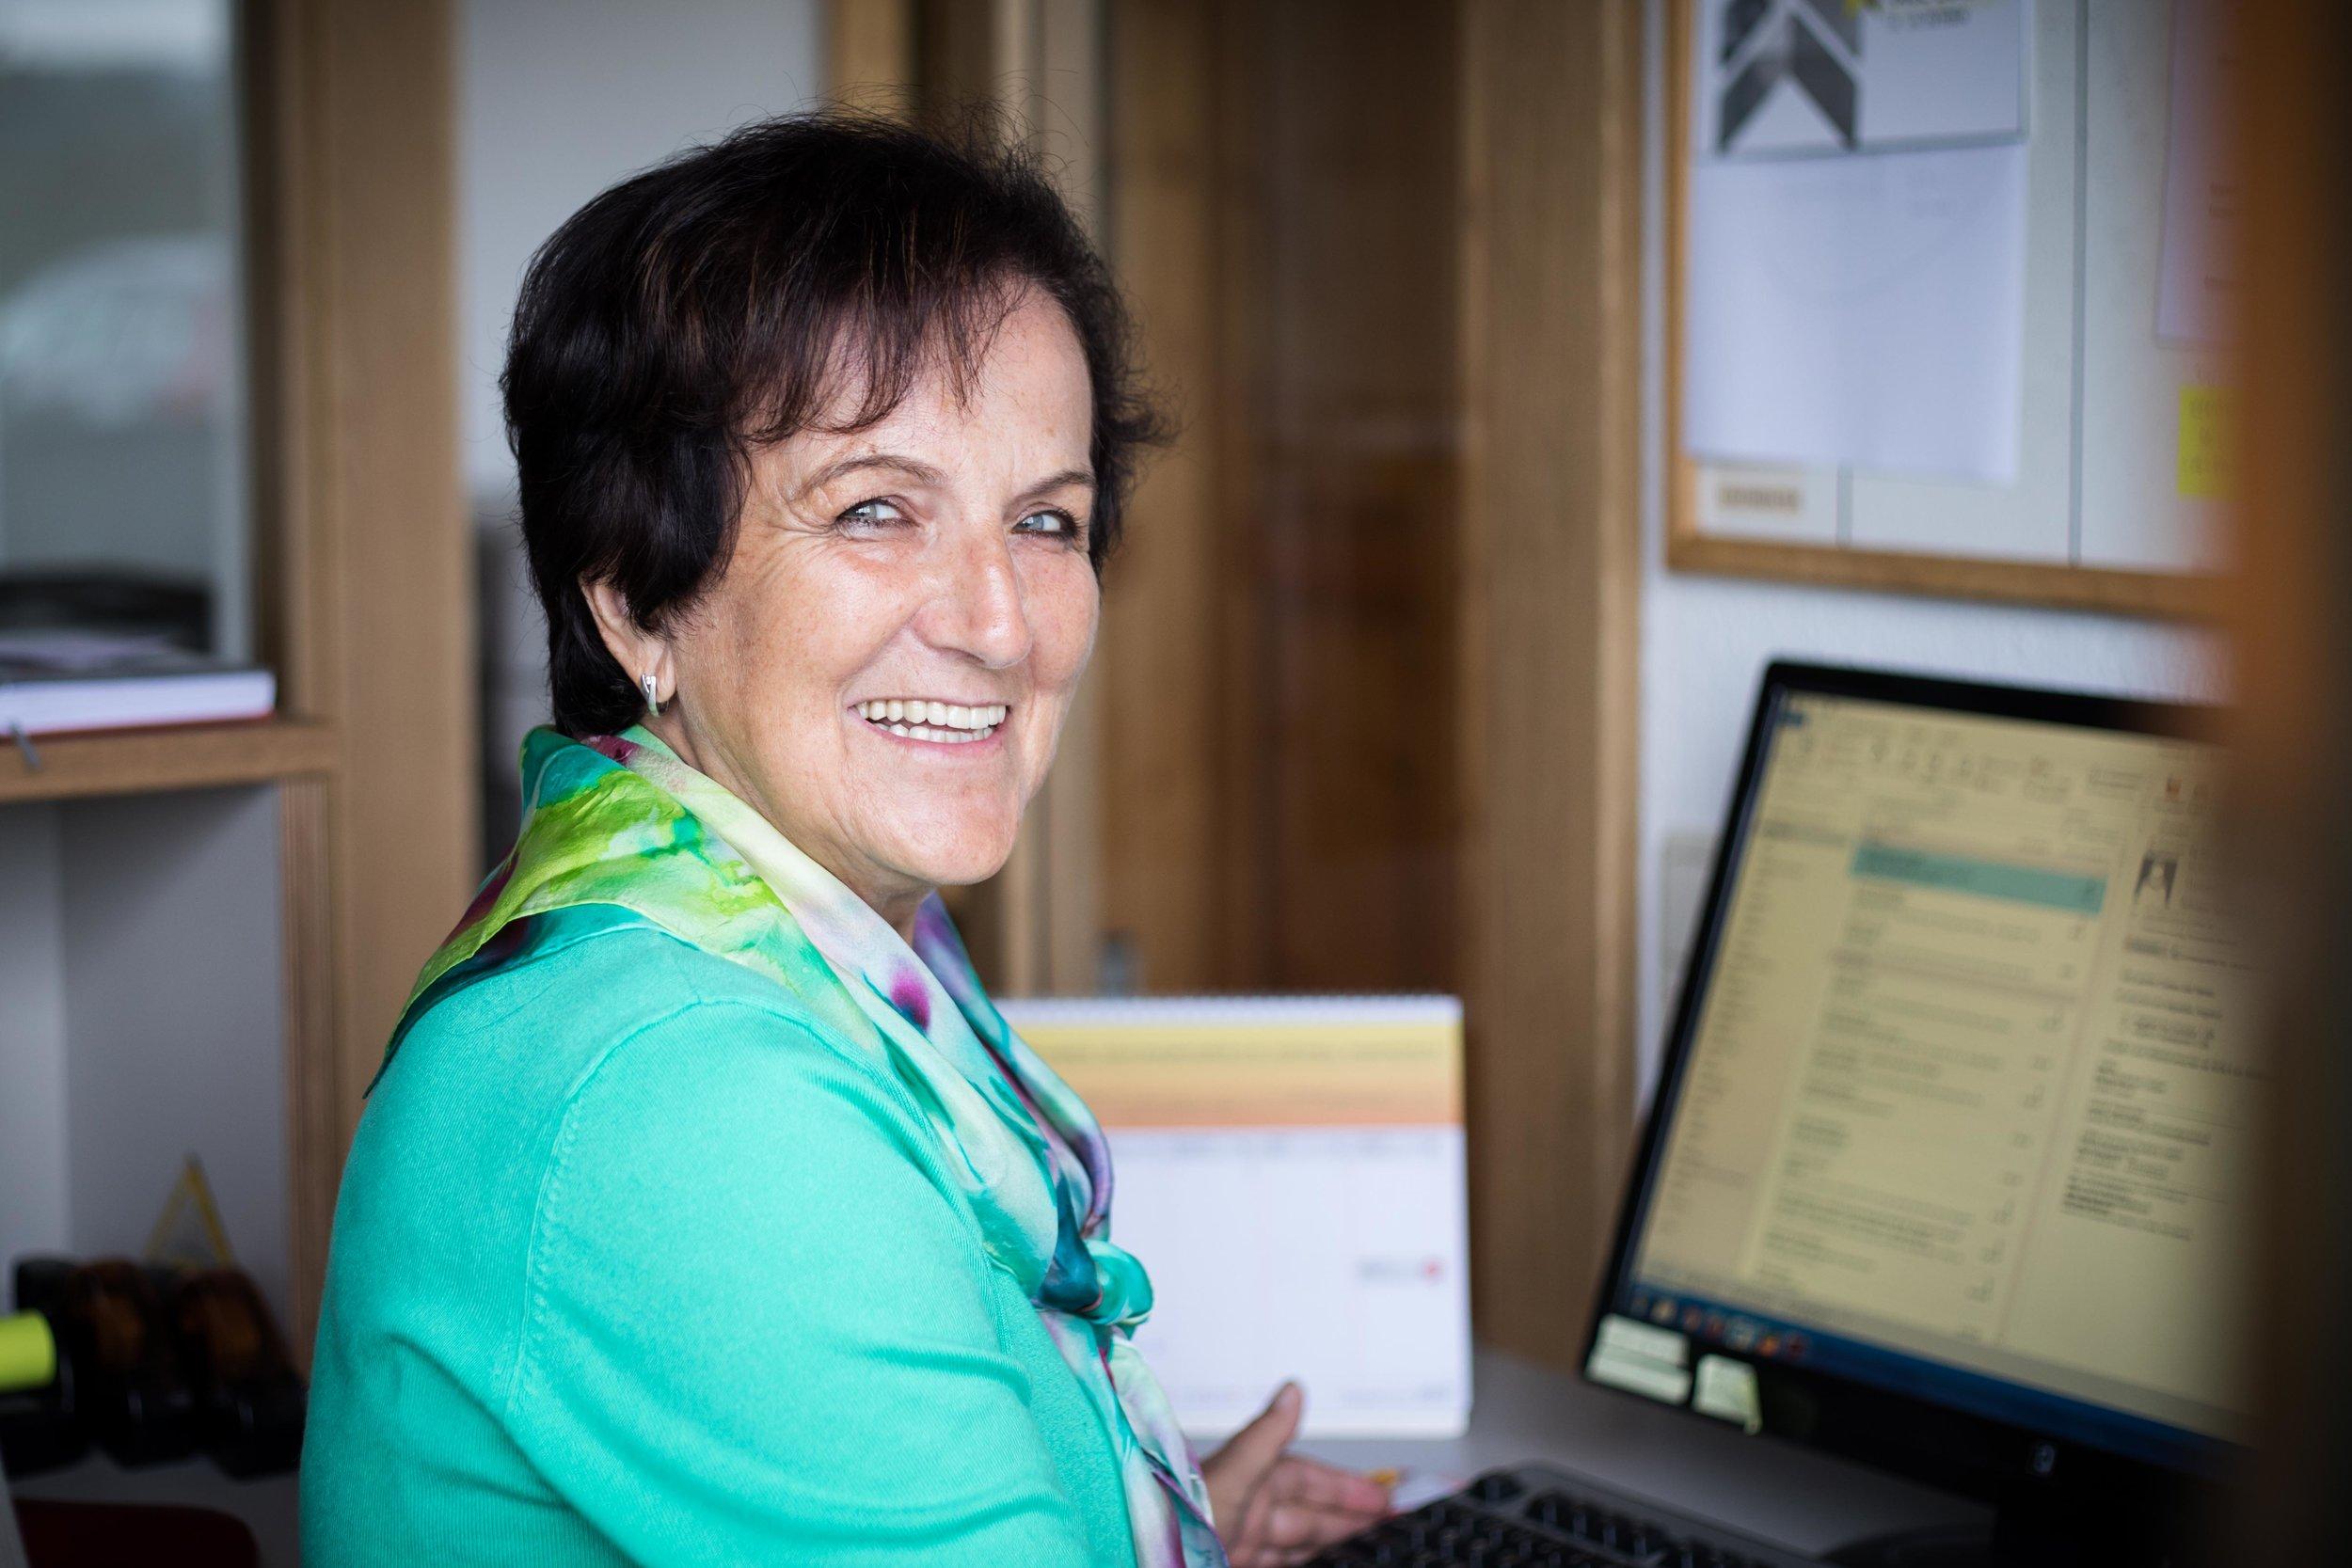 Berta Roither